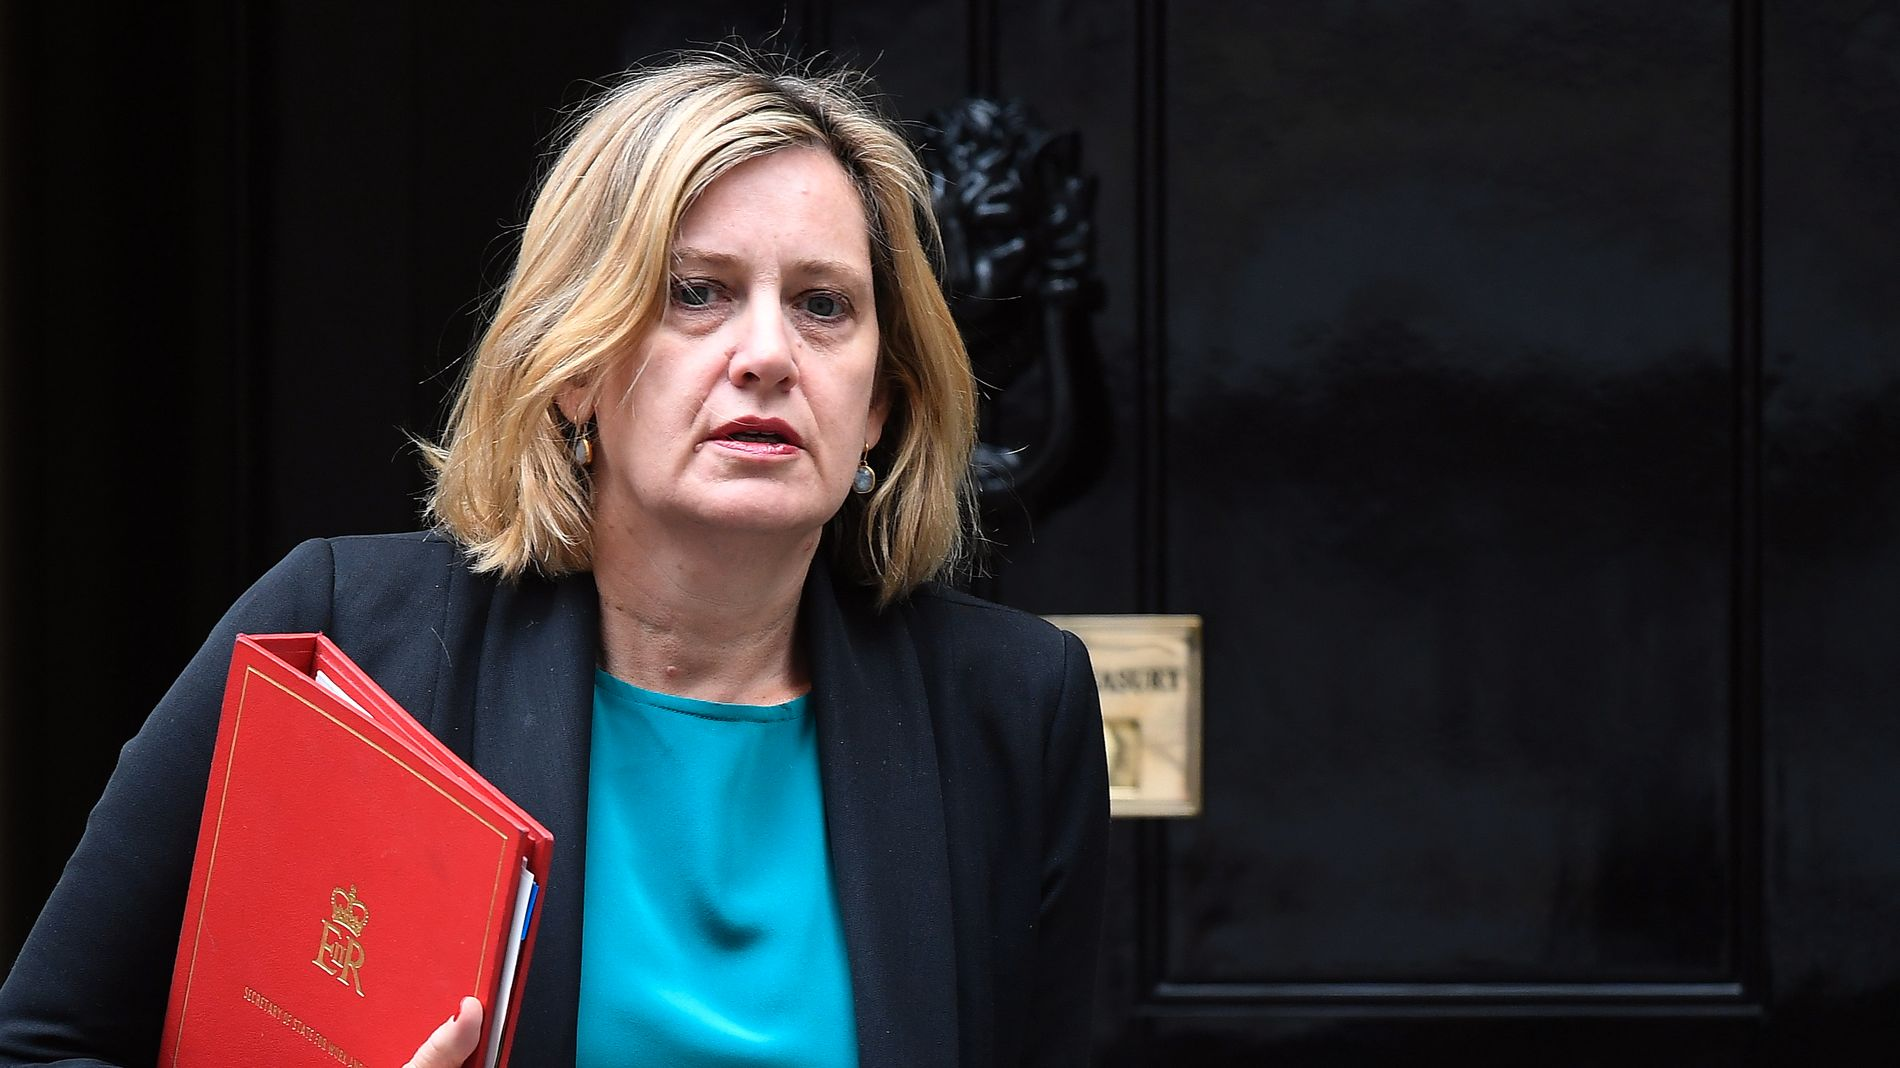 PÅ VEI UT: Arbeid- og likestillingsminister Rudd avbildet på vei ut av Downing Street 10 etter et kabinettmøte.